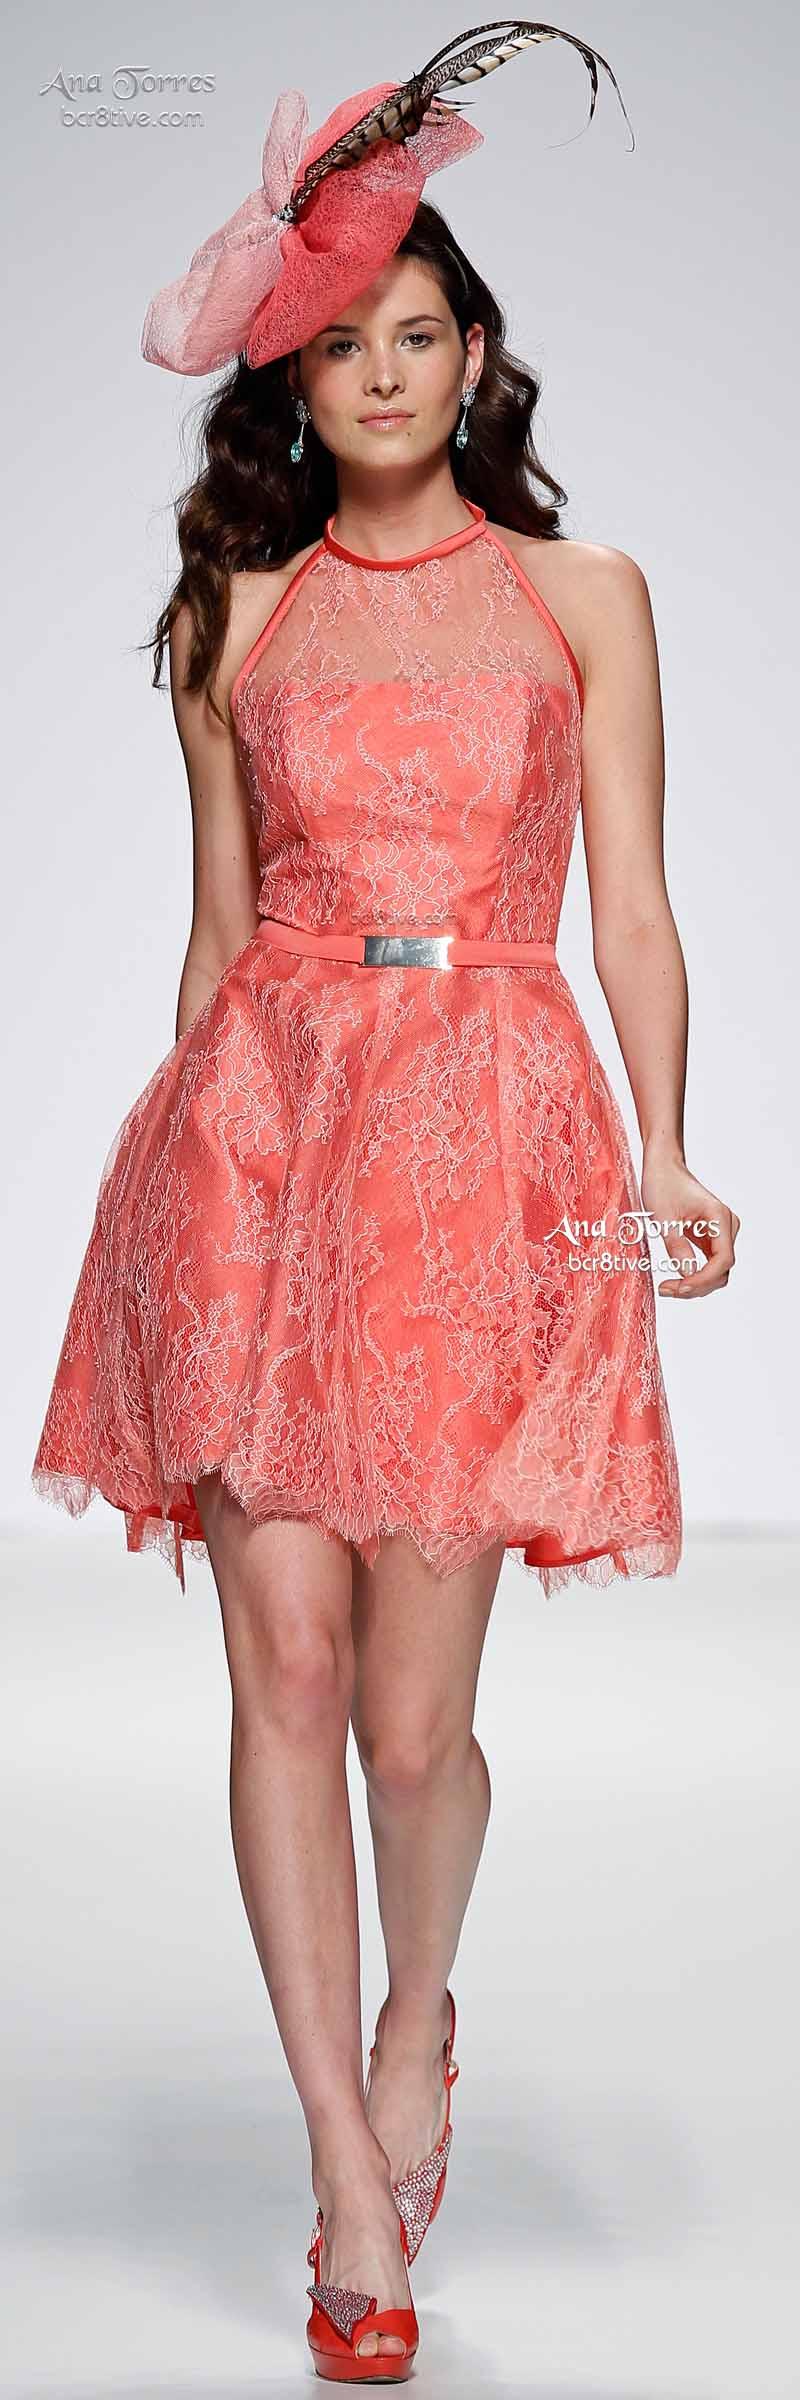 Barcelona Bridal Spring 2015 | La invitada, Vestidos de fiesta y ...